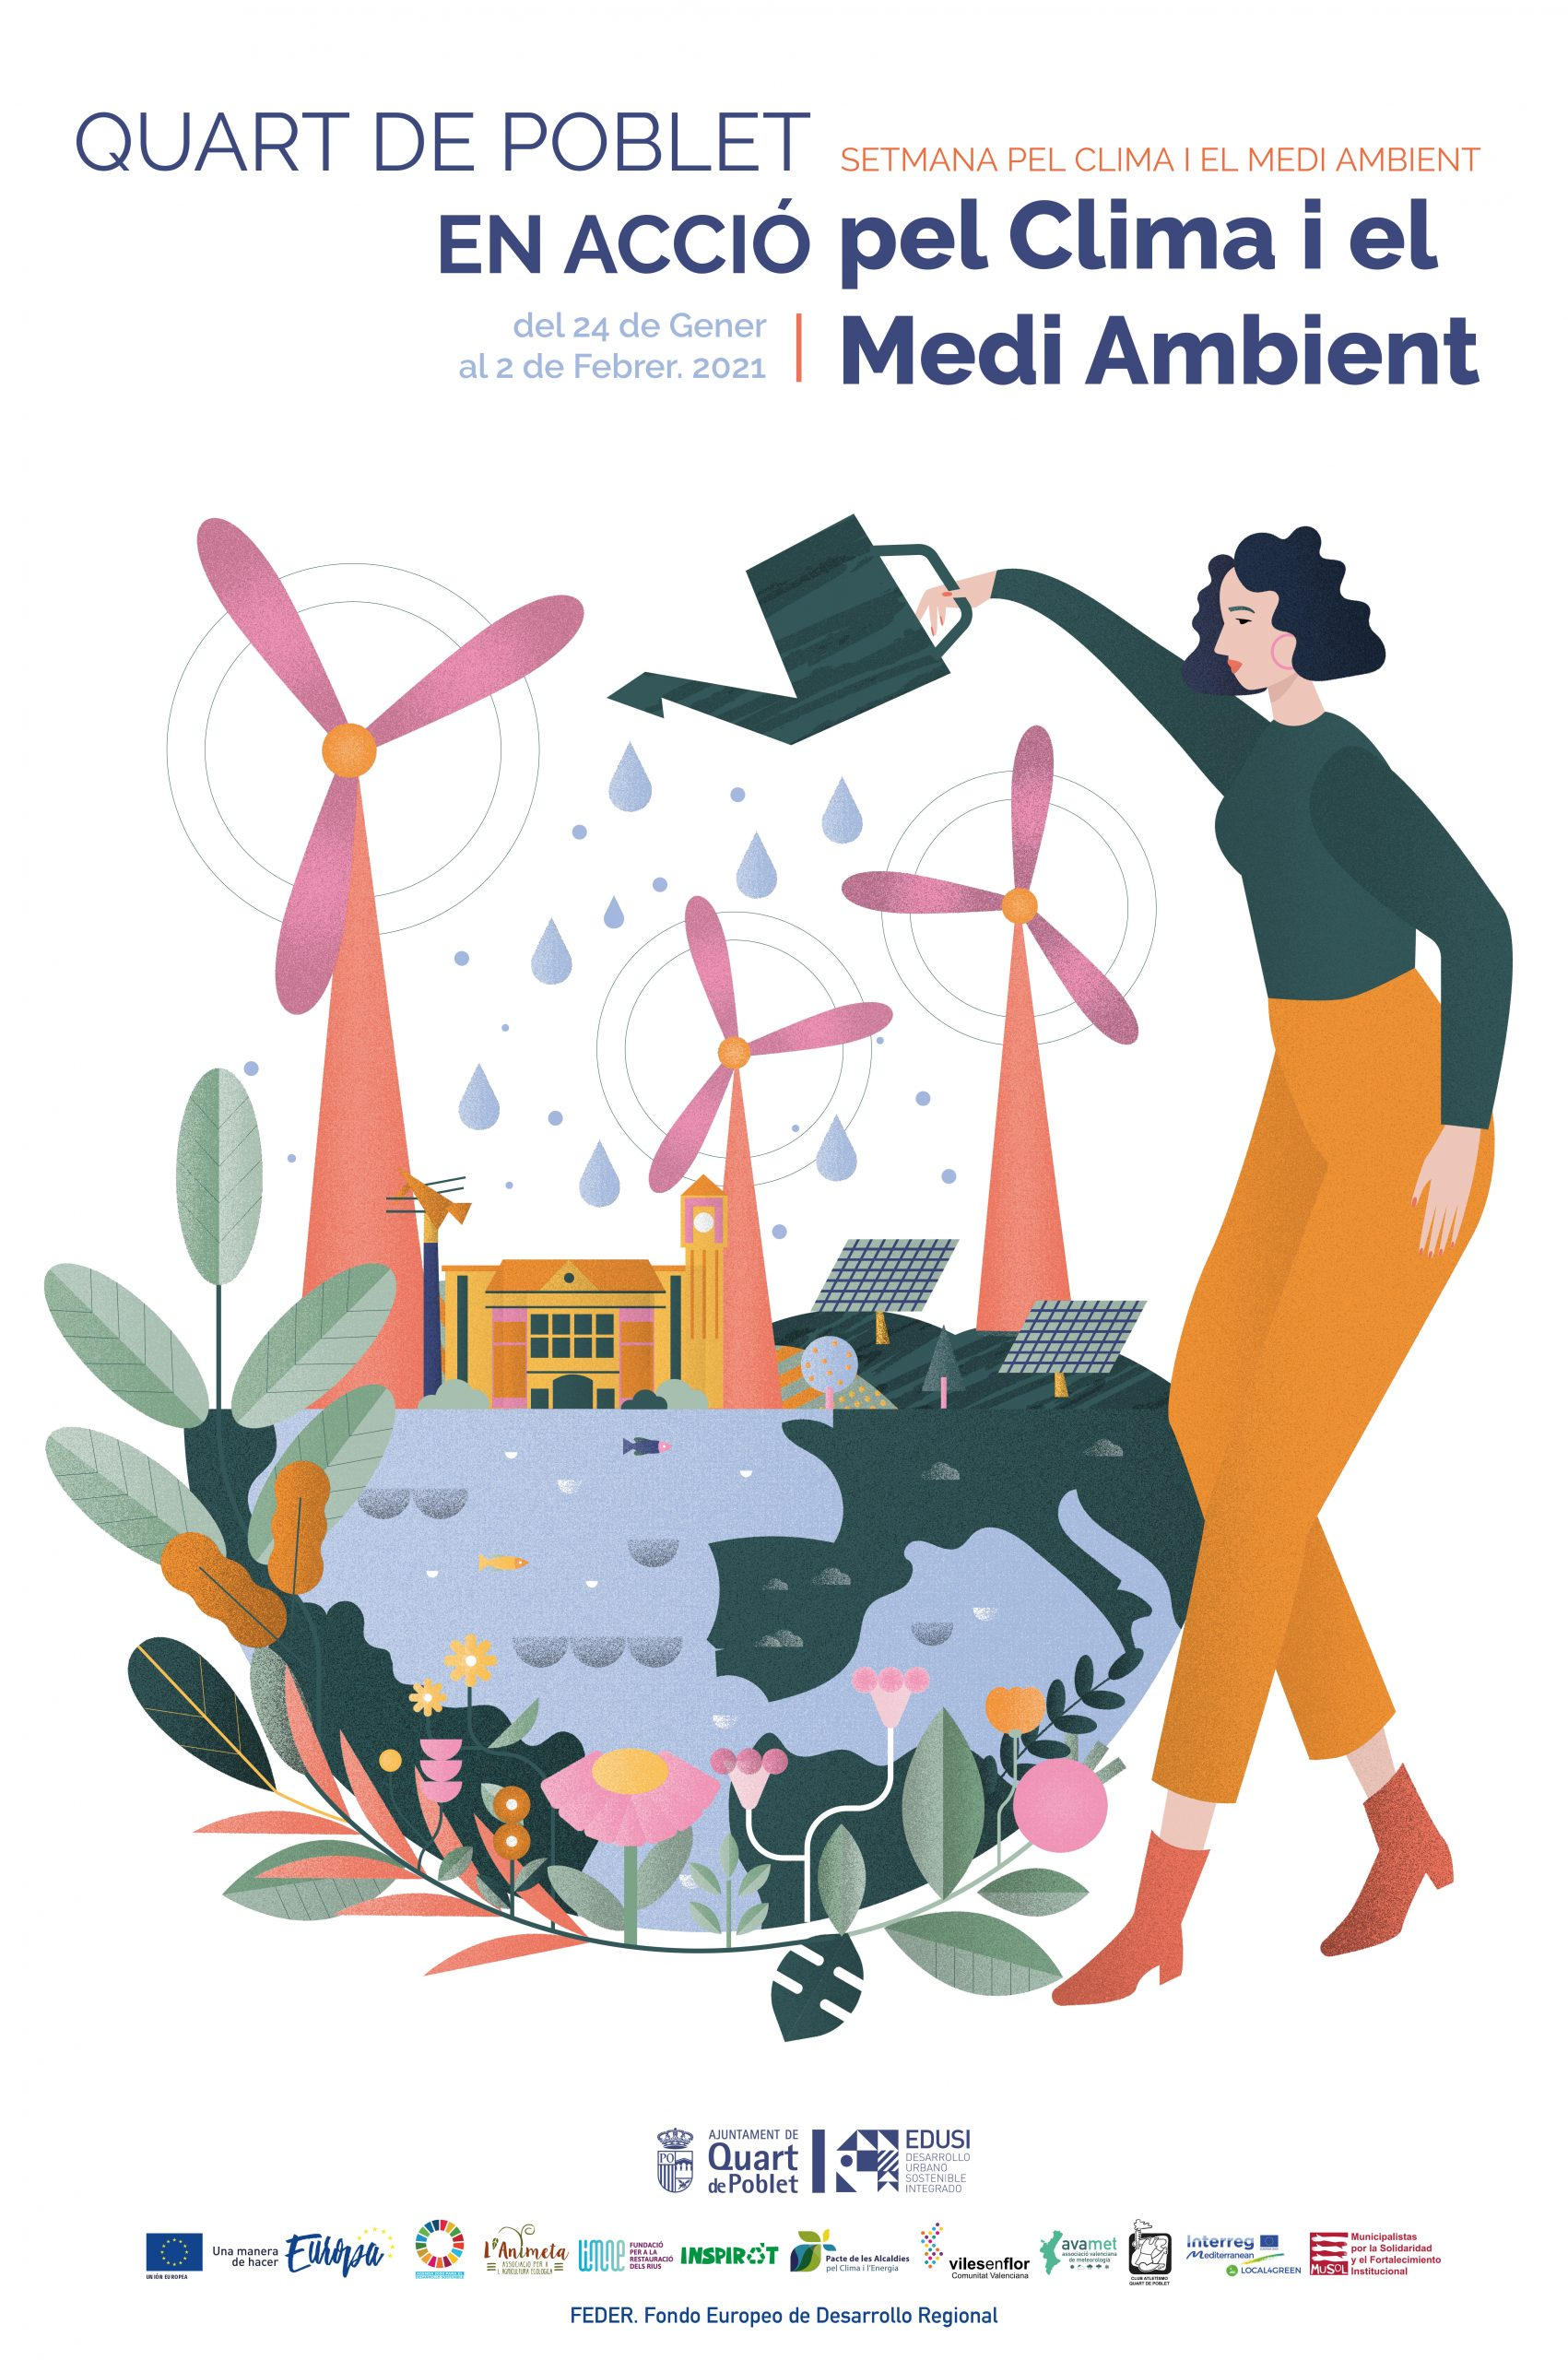 Quart de Poblet celebrará la Setmana pel Clima i el Medi Ambient del 24 de enero al 2 de febrero